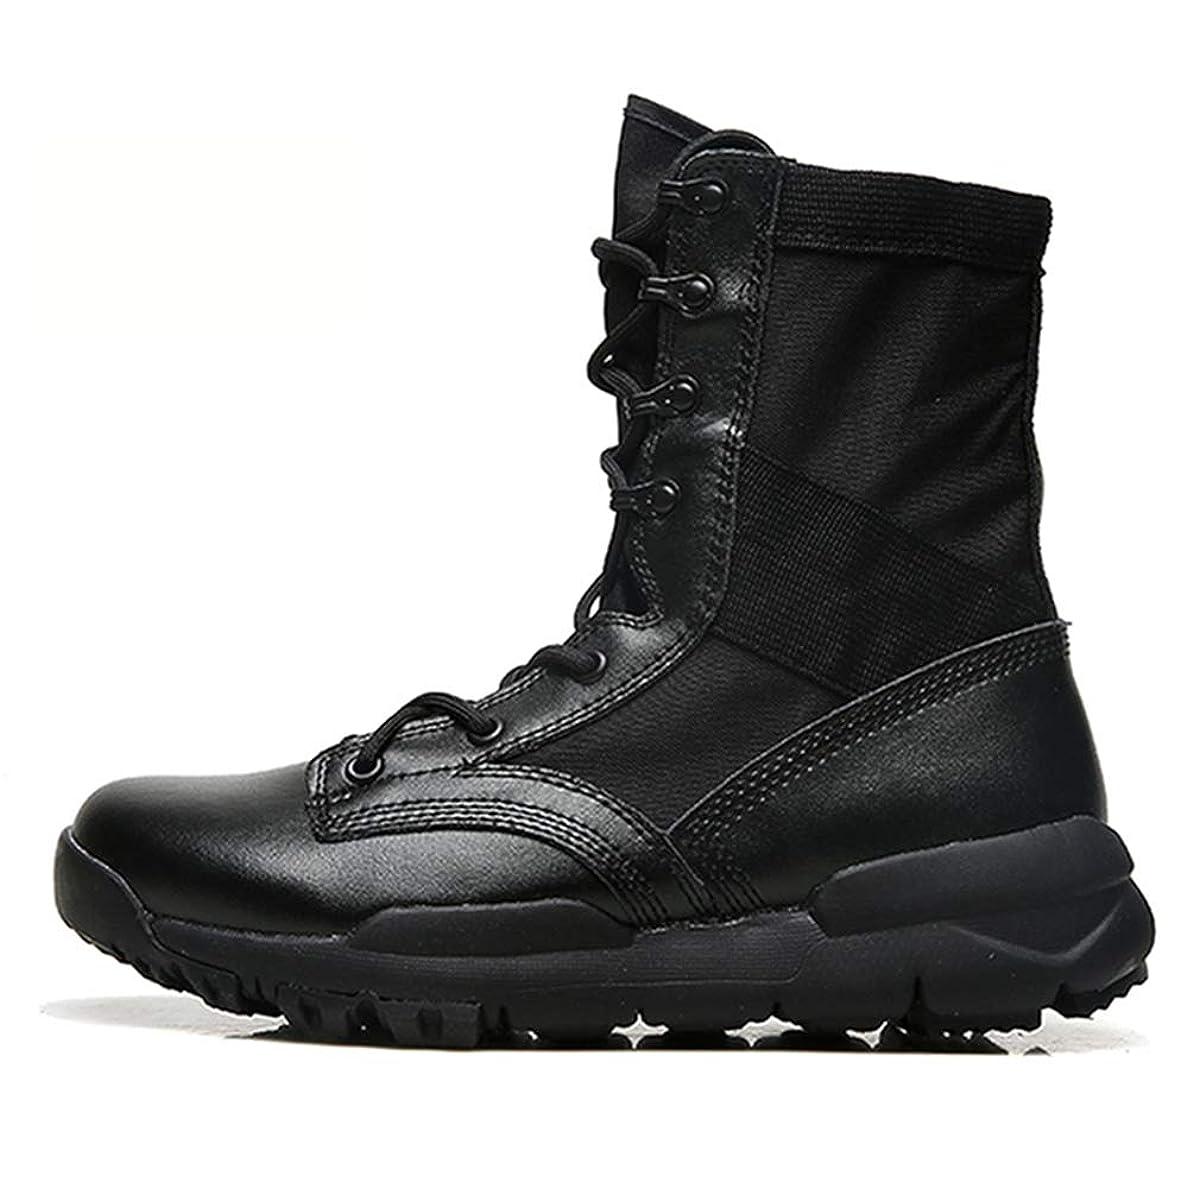 顧問イソギンチャク確認[URNICE] ブーツ メンズ ジャングルブーツ おしゃれ サバゲーブーツ レザー 登山靴 トレッキングシューズ 滑り止め 恋人 アウトドアシューズ 22.5-28センチ